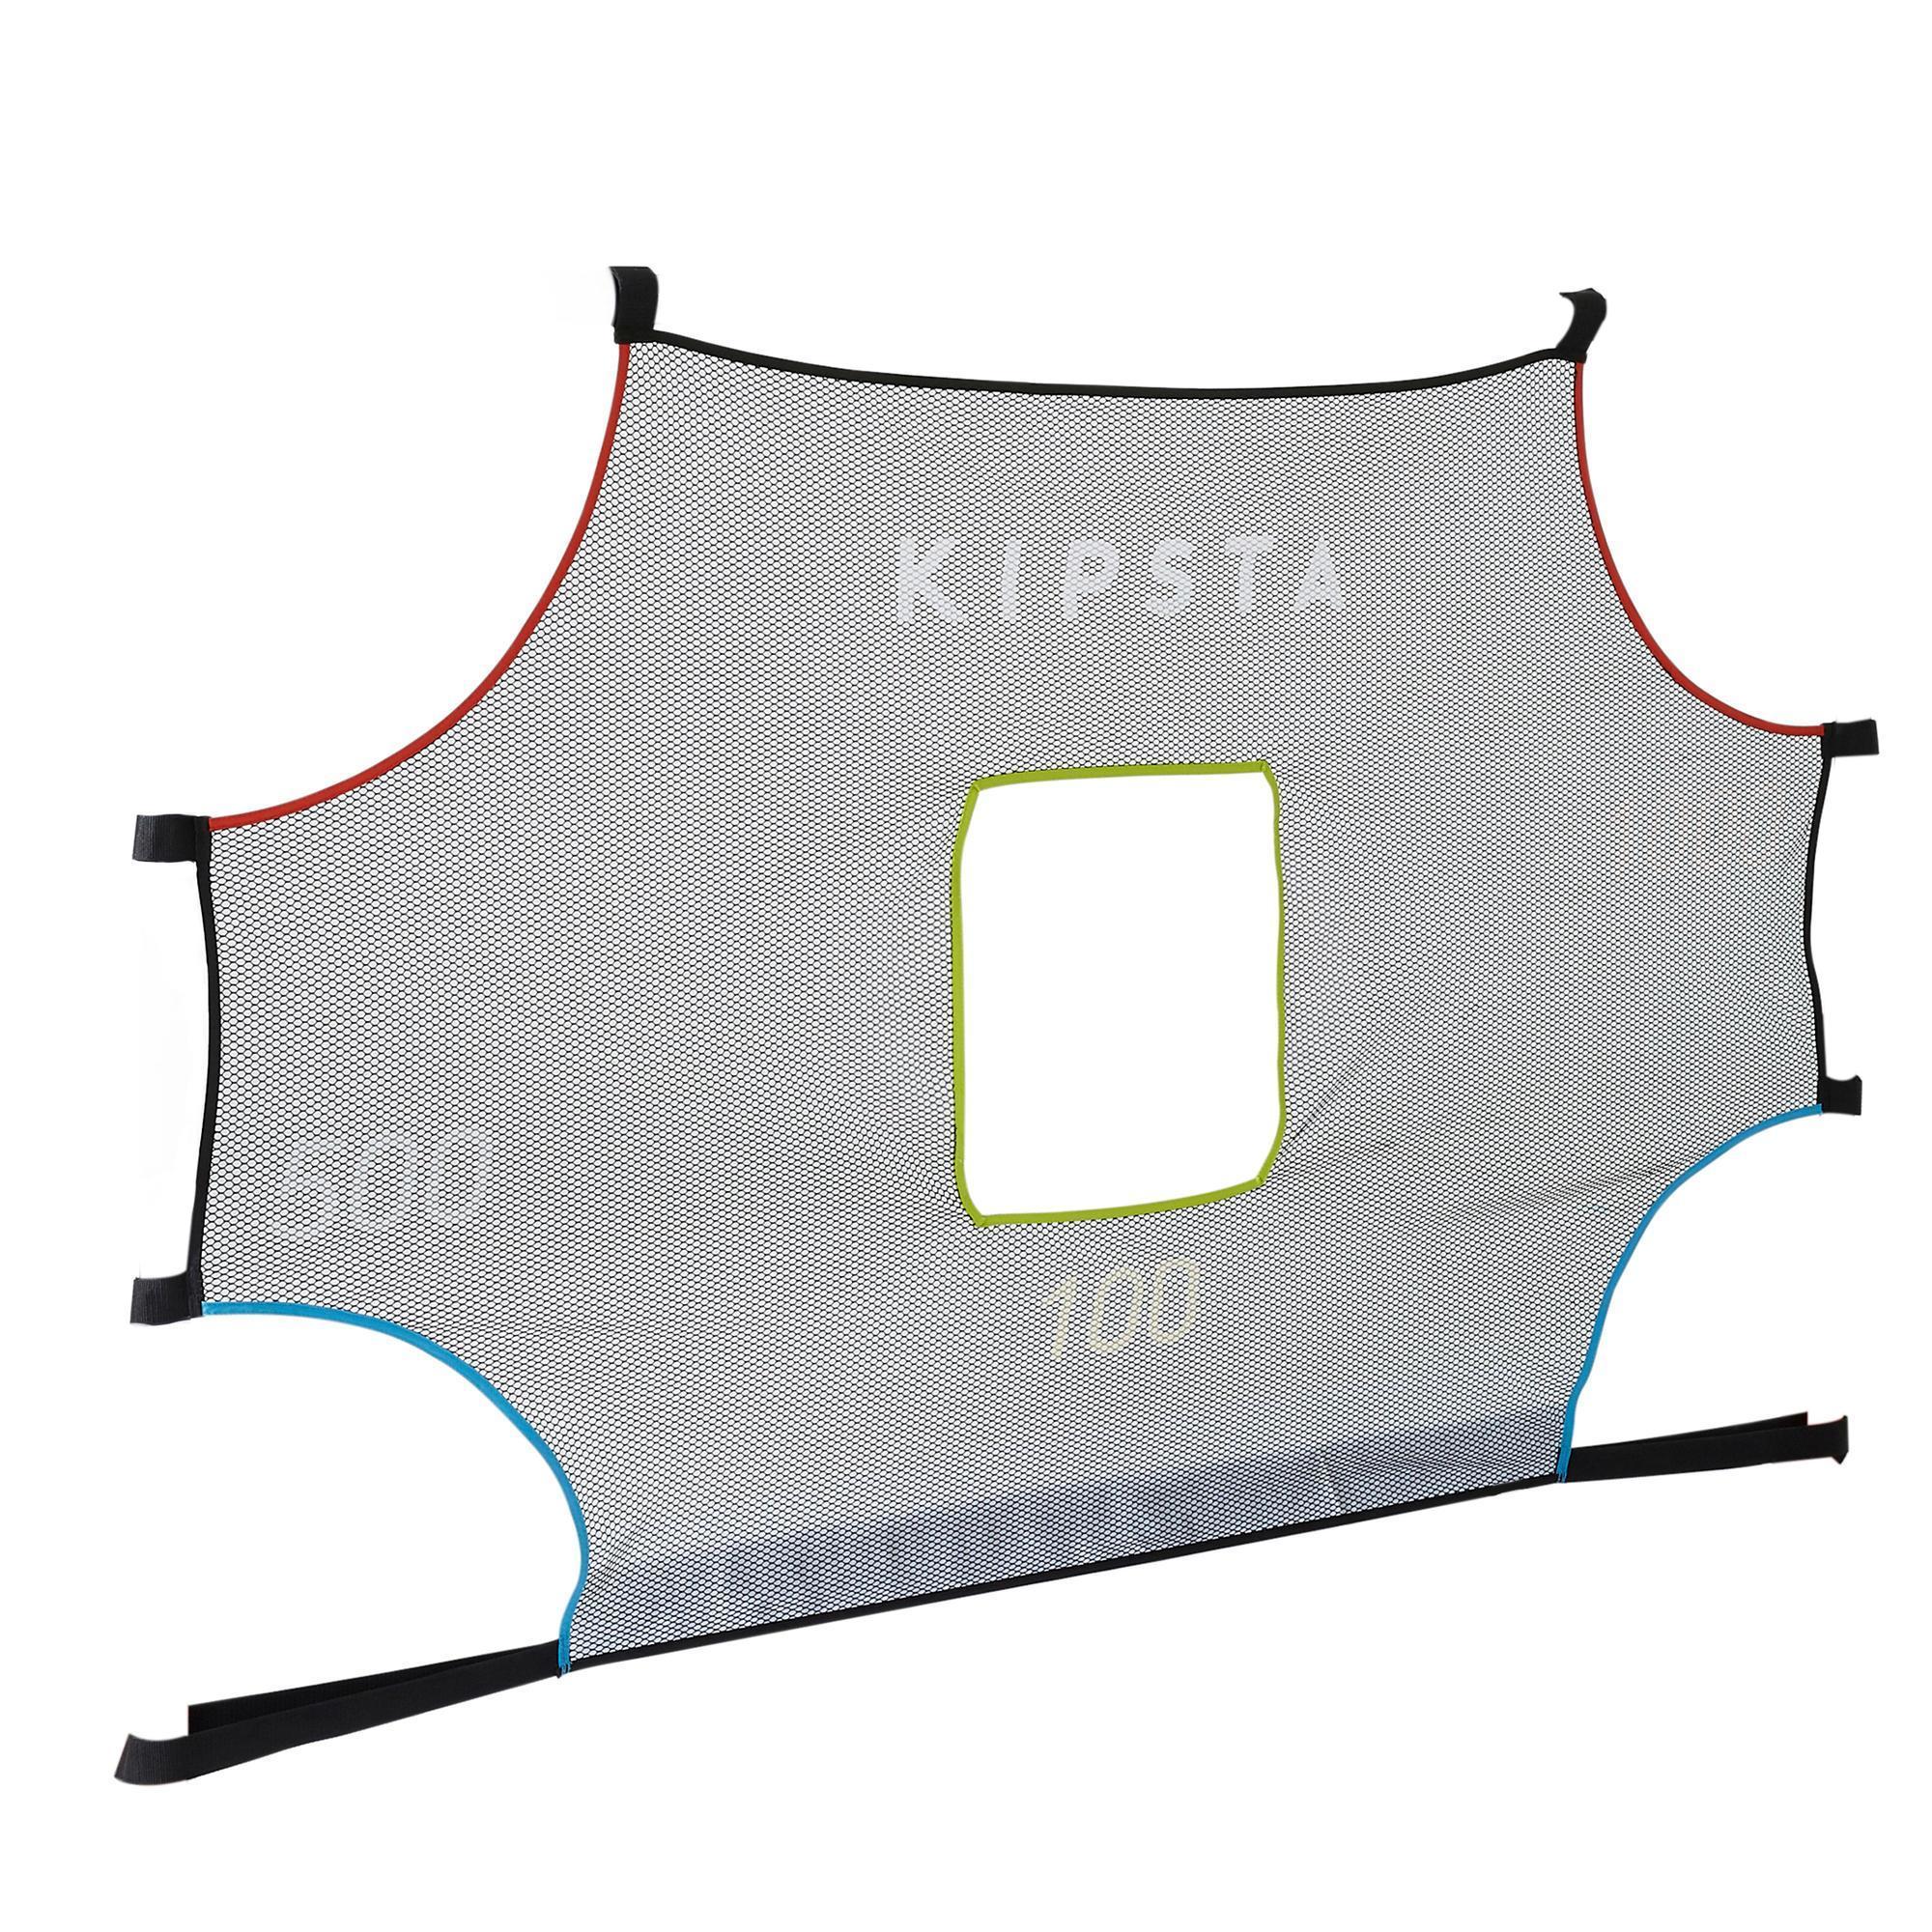 Kipsta Precisiedoek voor de classic goal 500 maat M 2x1,30 m